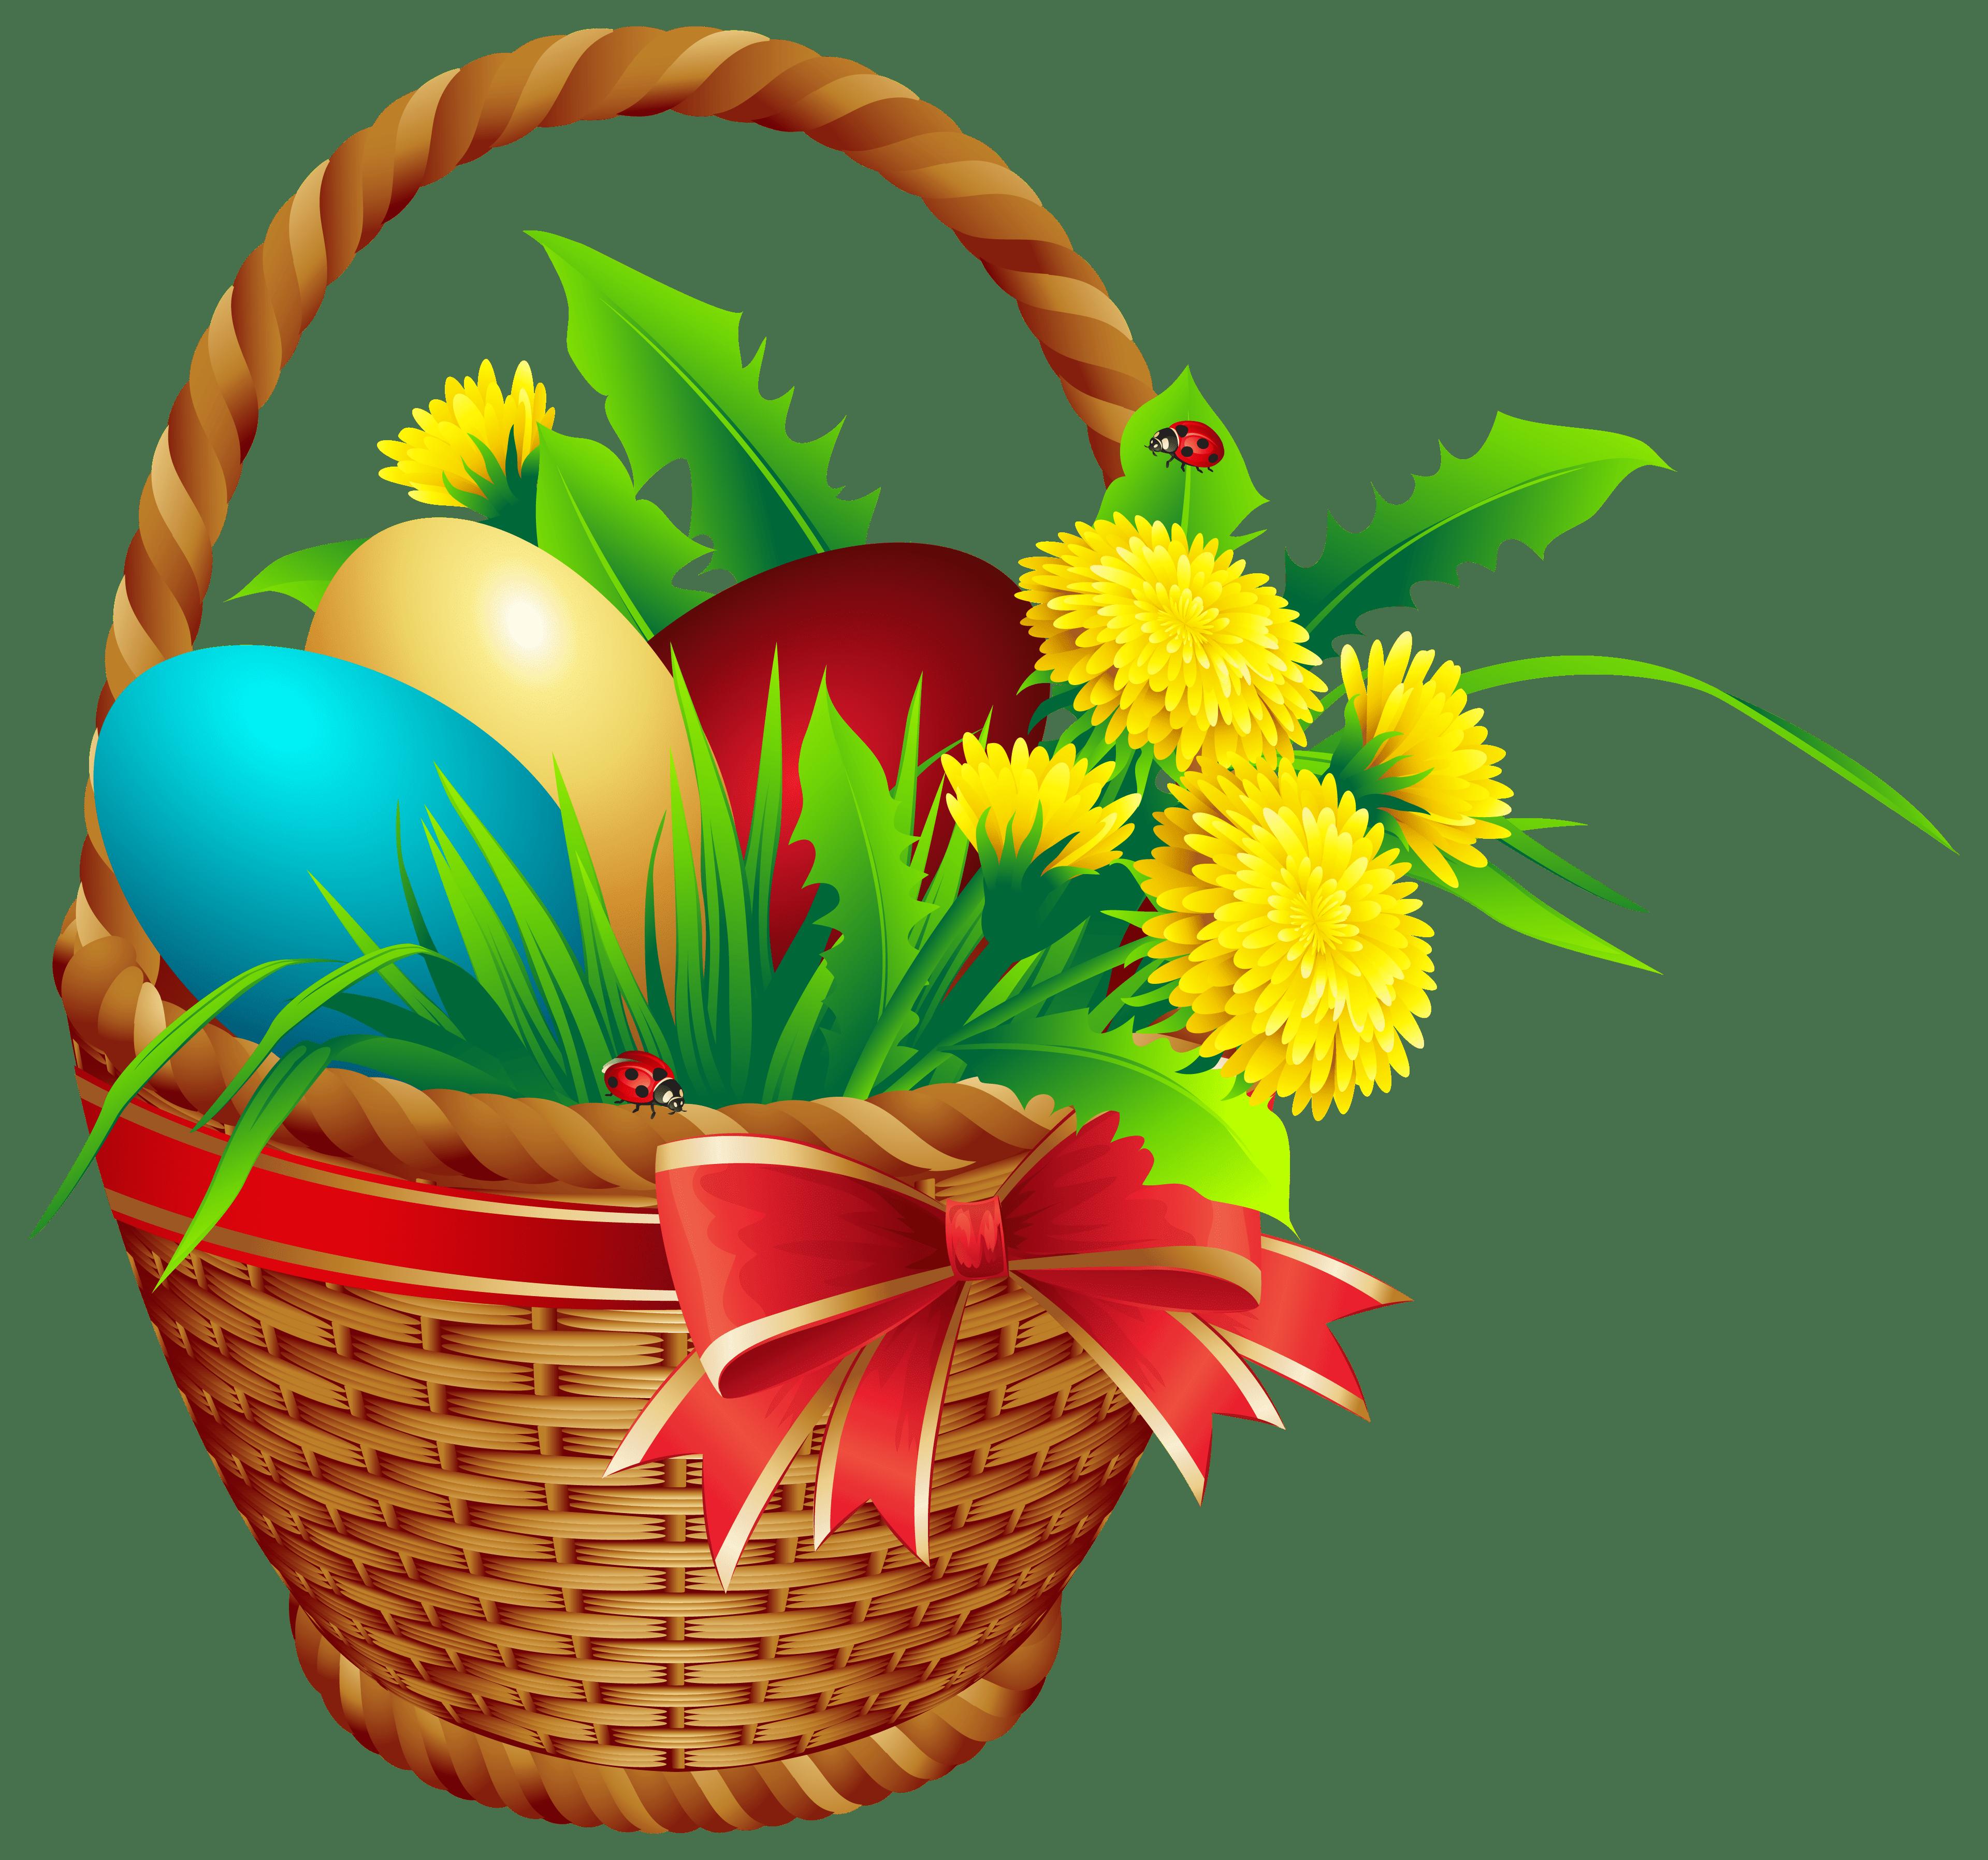 Easter Basket PNG Clip Art Image